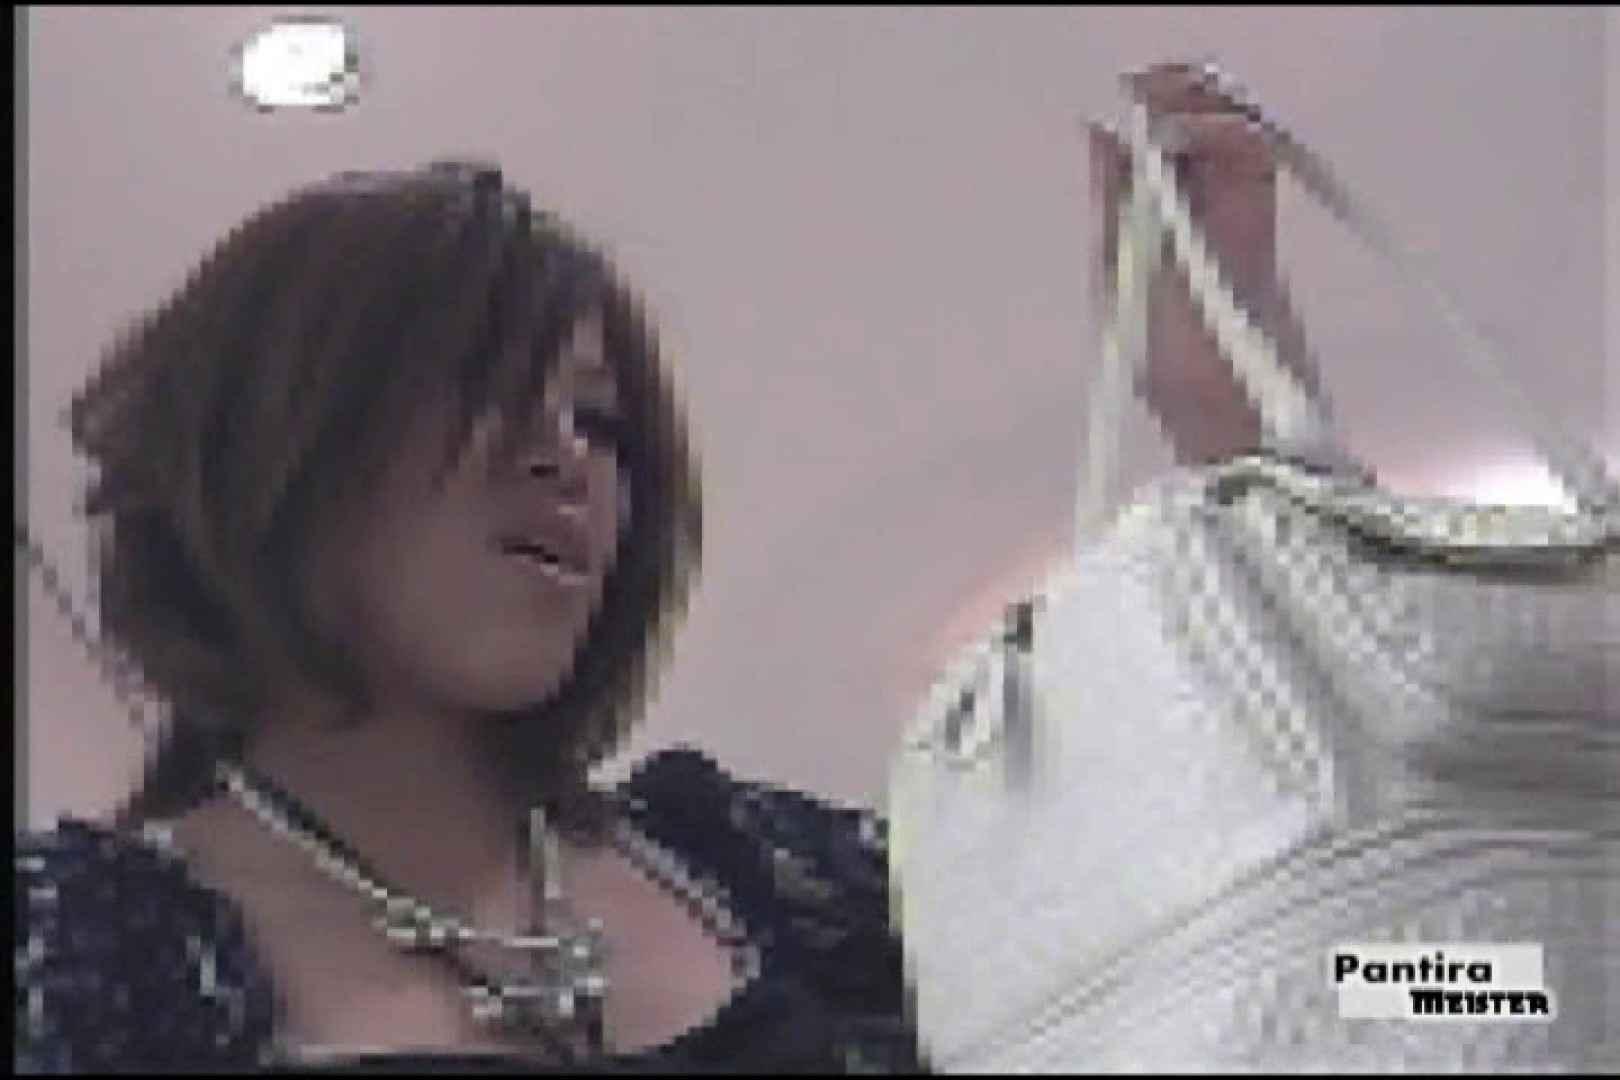 オリジナルパンチラ No.190 パンチラ 覗きオメコ動画キャプチャ 47連発 26